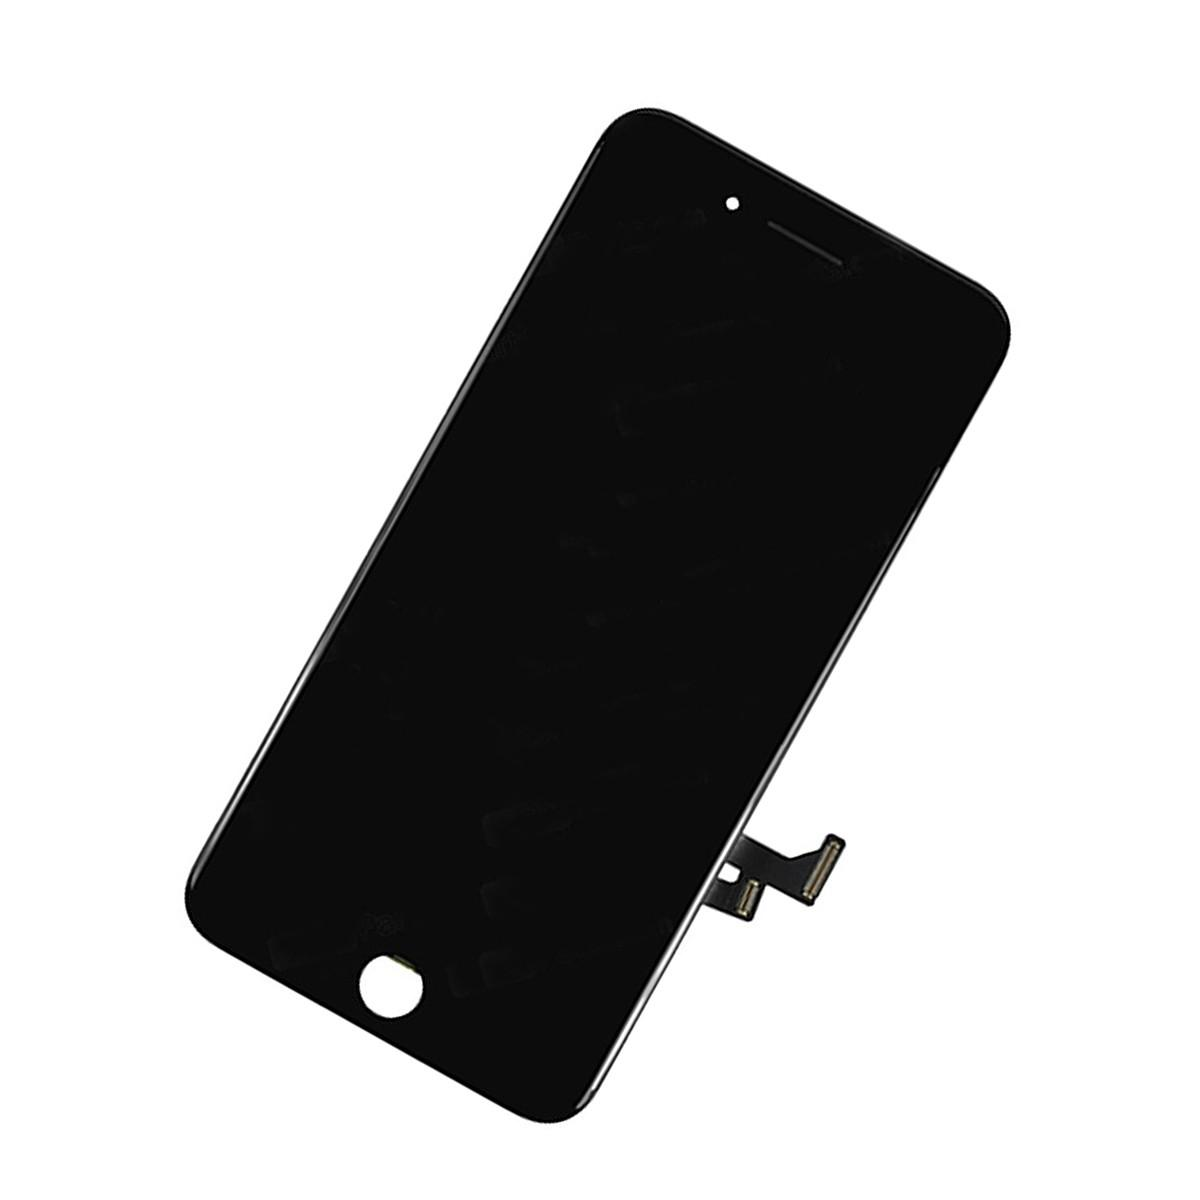 Дисплей Iphone 7 Plus черный orig (DNF)